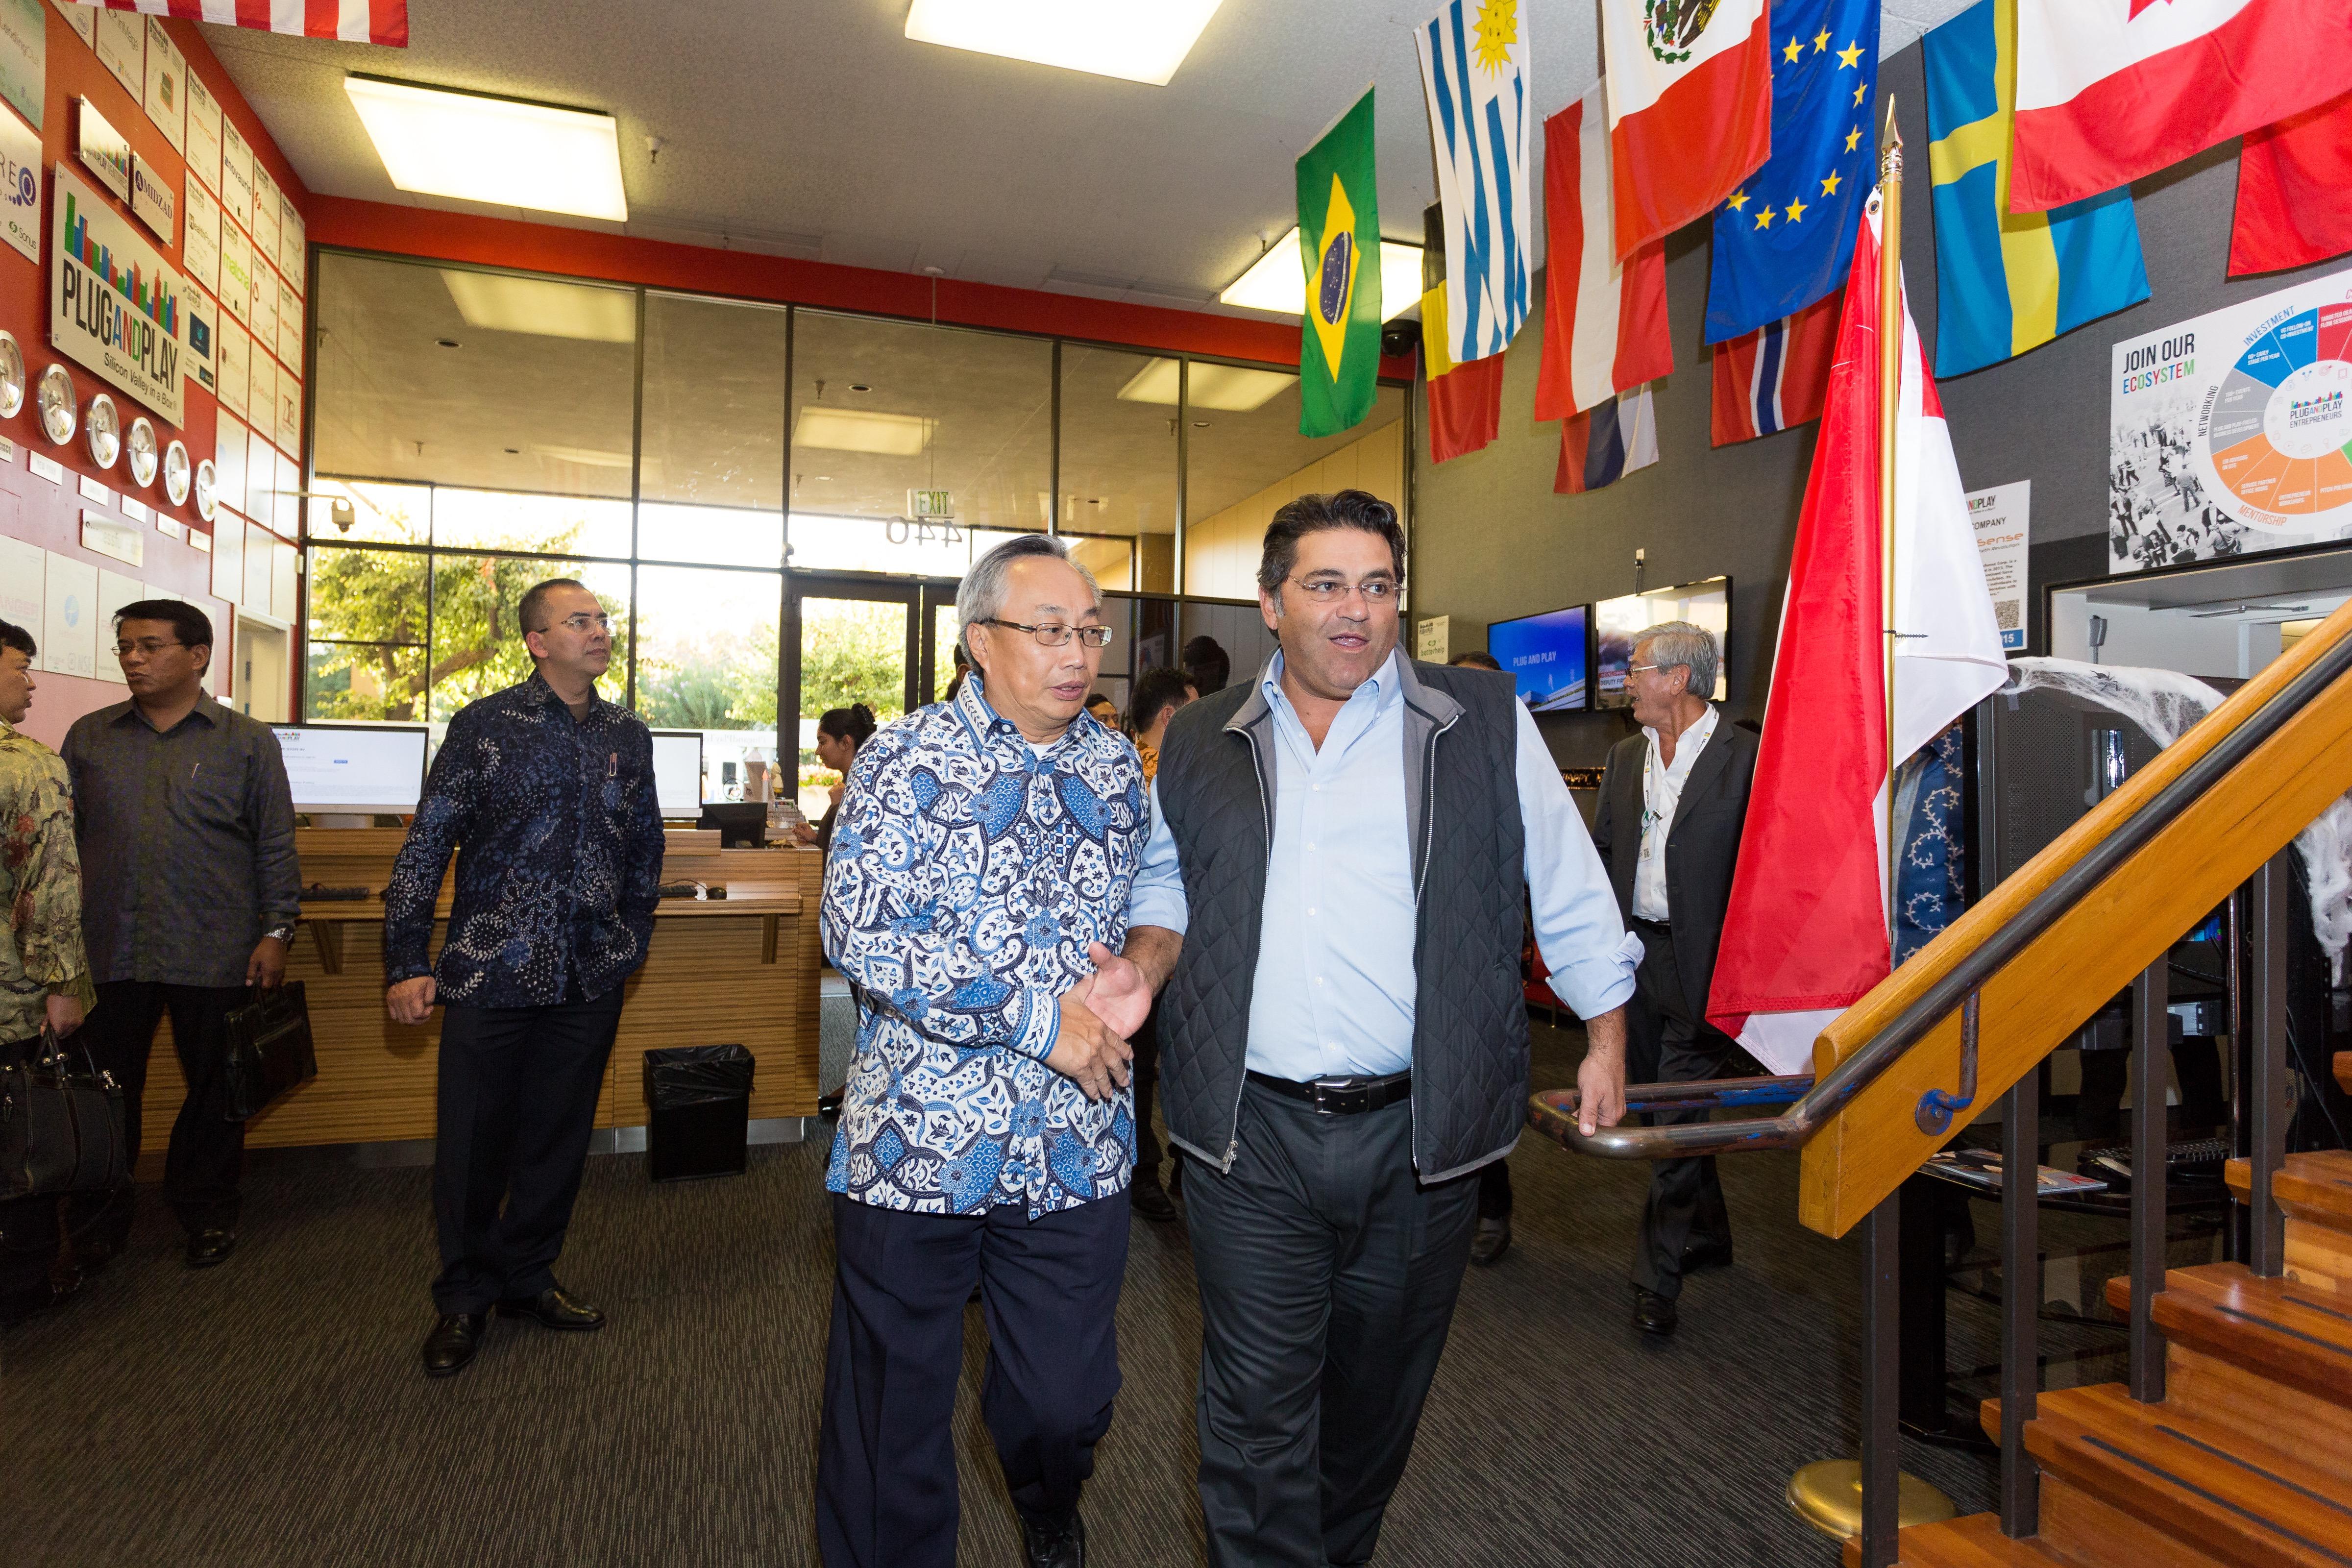 Indo delegation visit to SV - 93 of 115